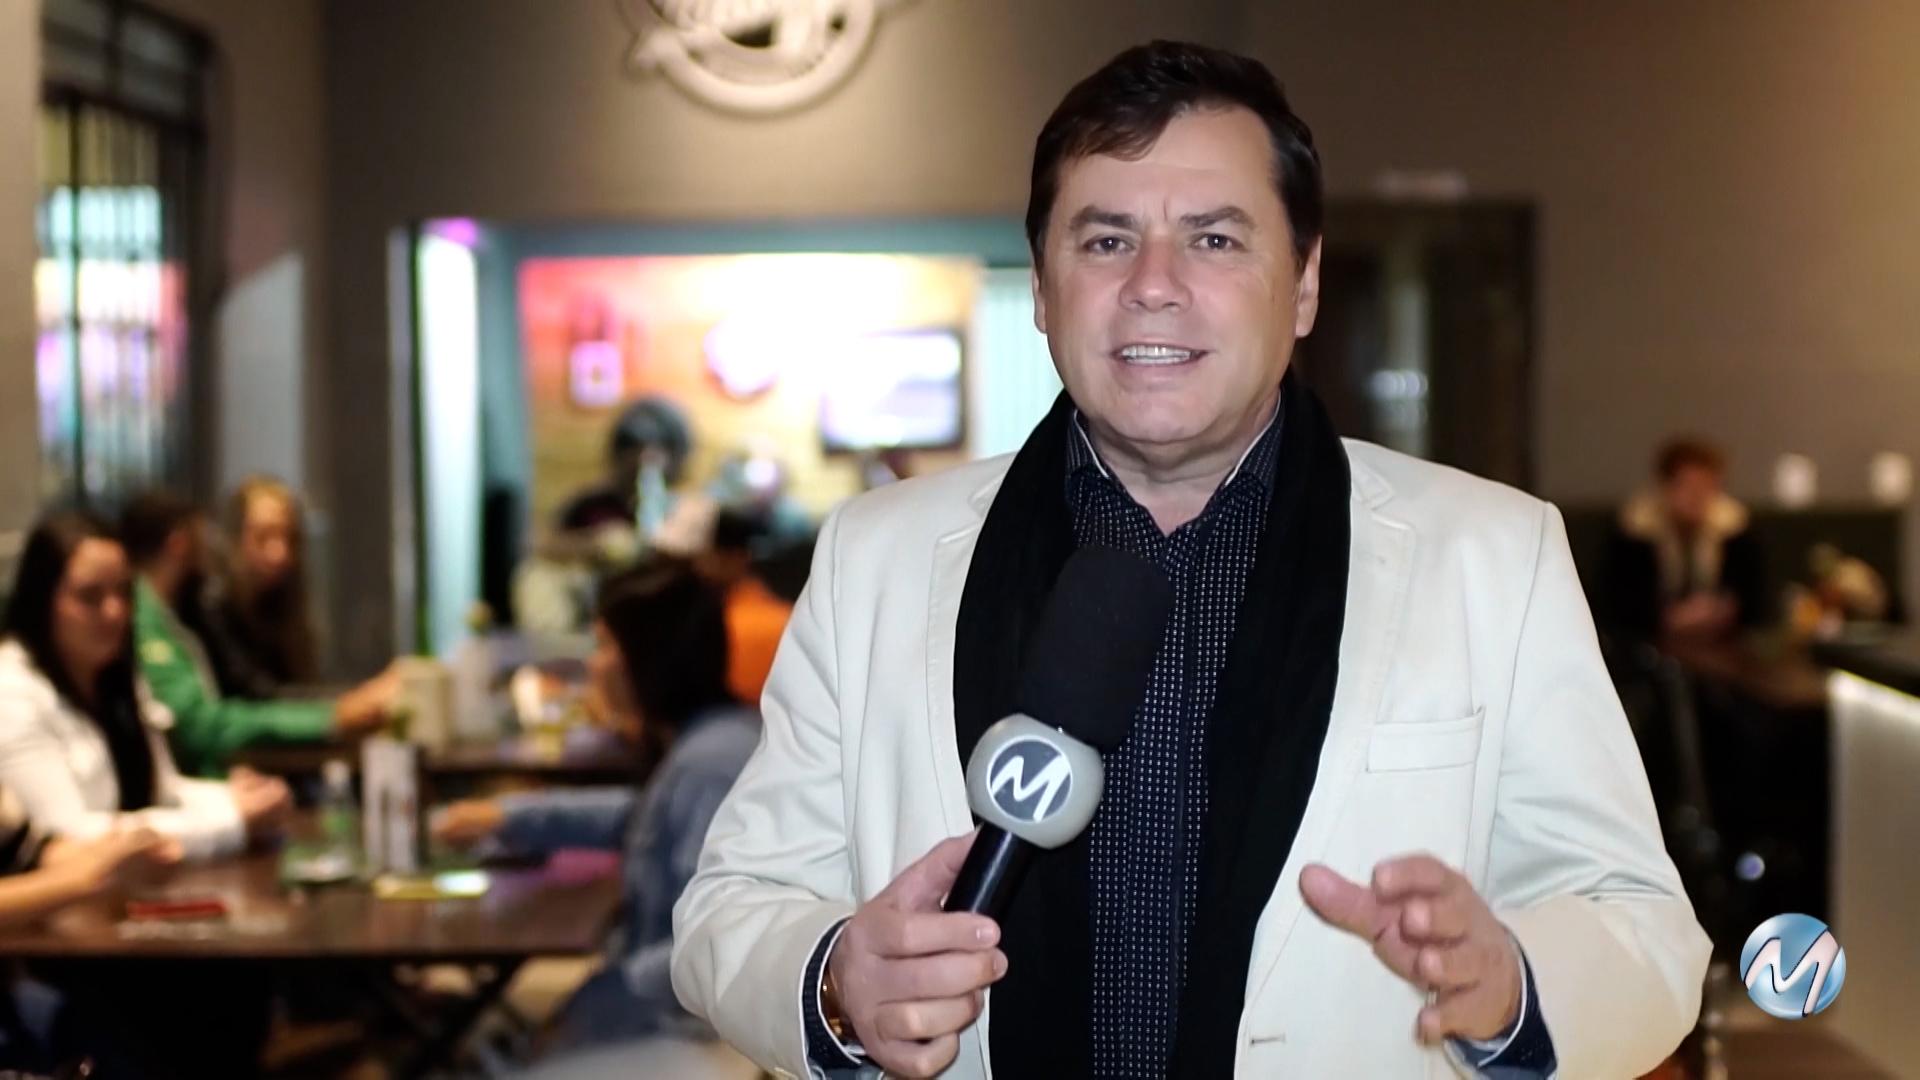 Fatos em Foco – 24/07/2021 – José Luiz Magrão traz as novidades do circuito social